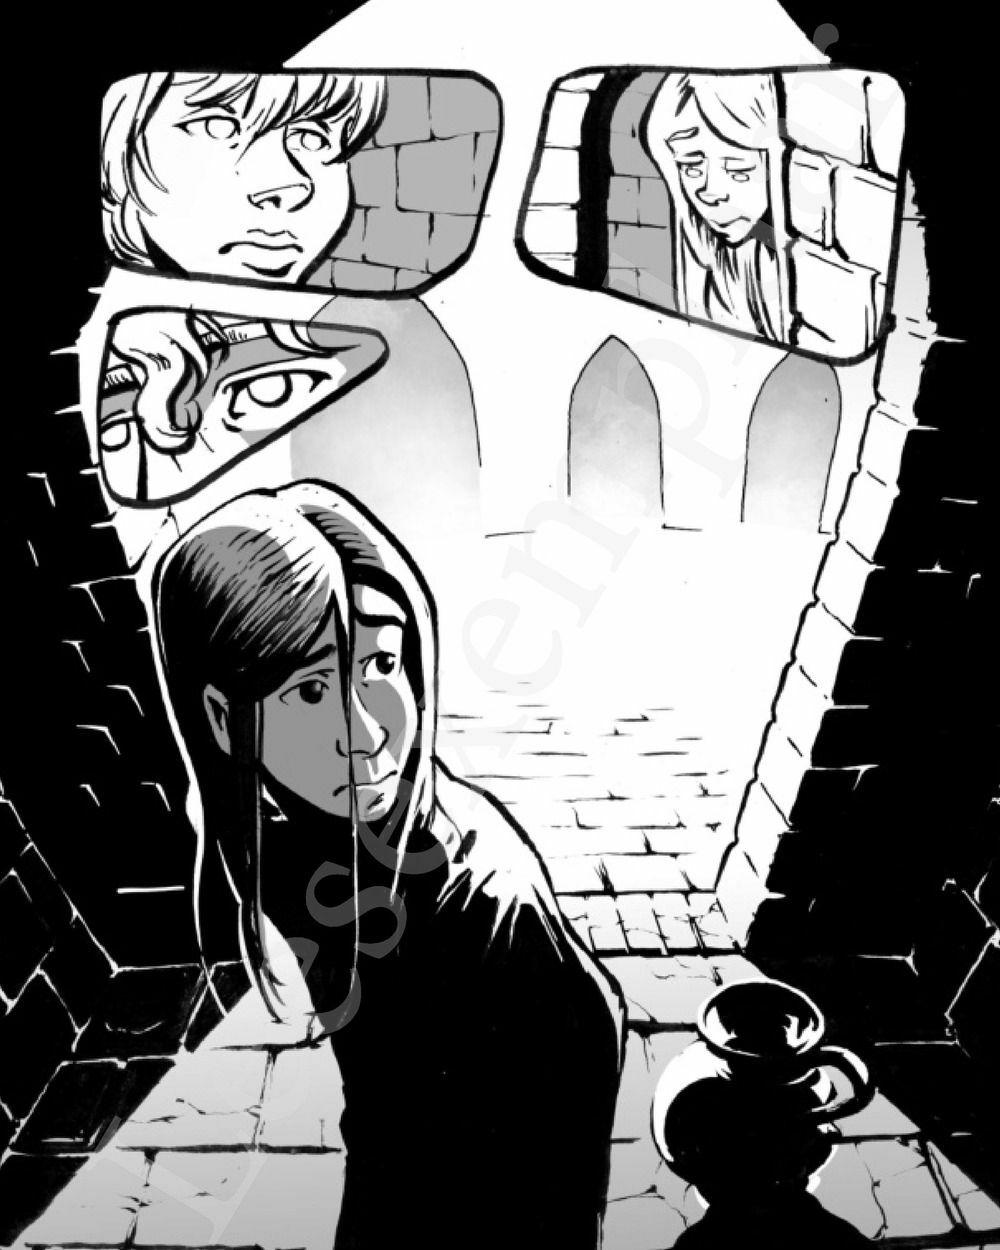 Preview: De poortwereld 3: Het offer